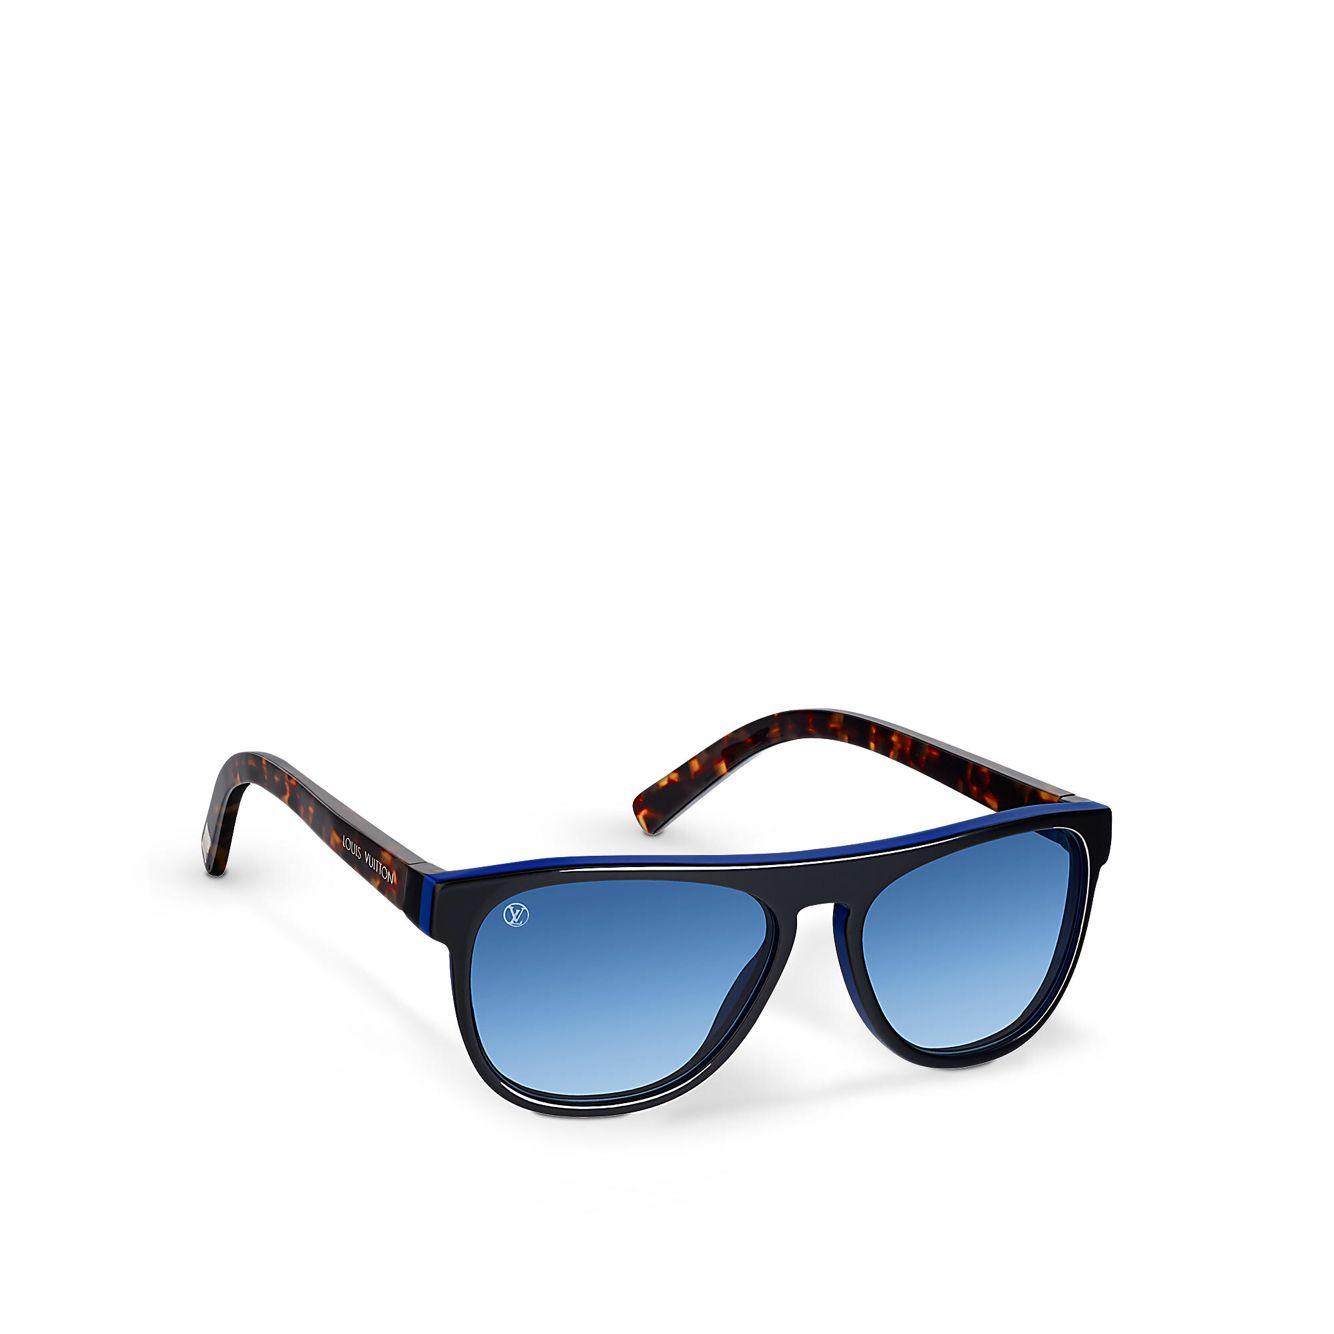 2086fc1650 Oliver sunglasses - Louis Vuitton